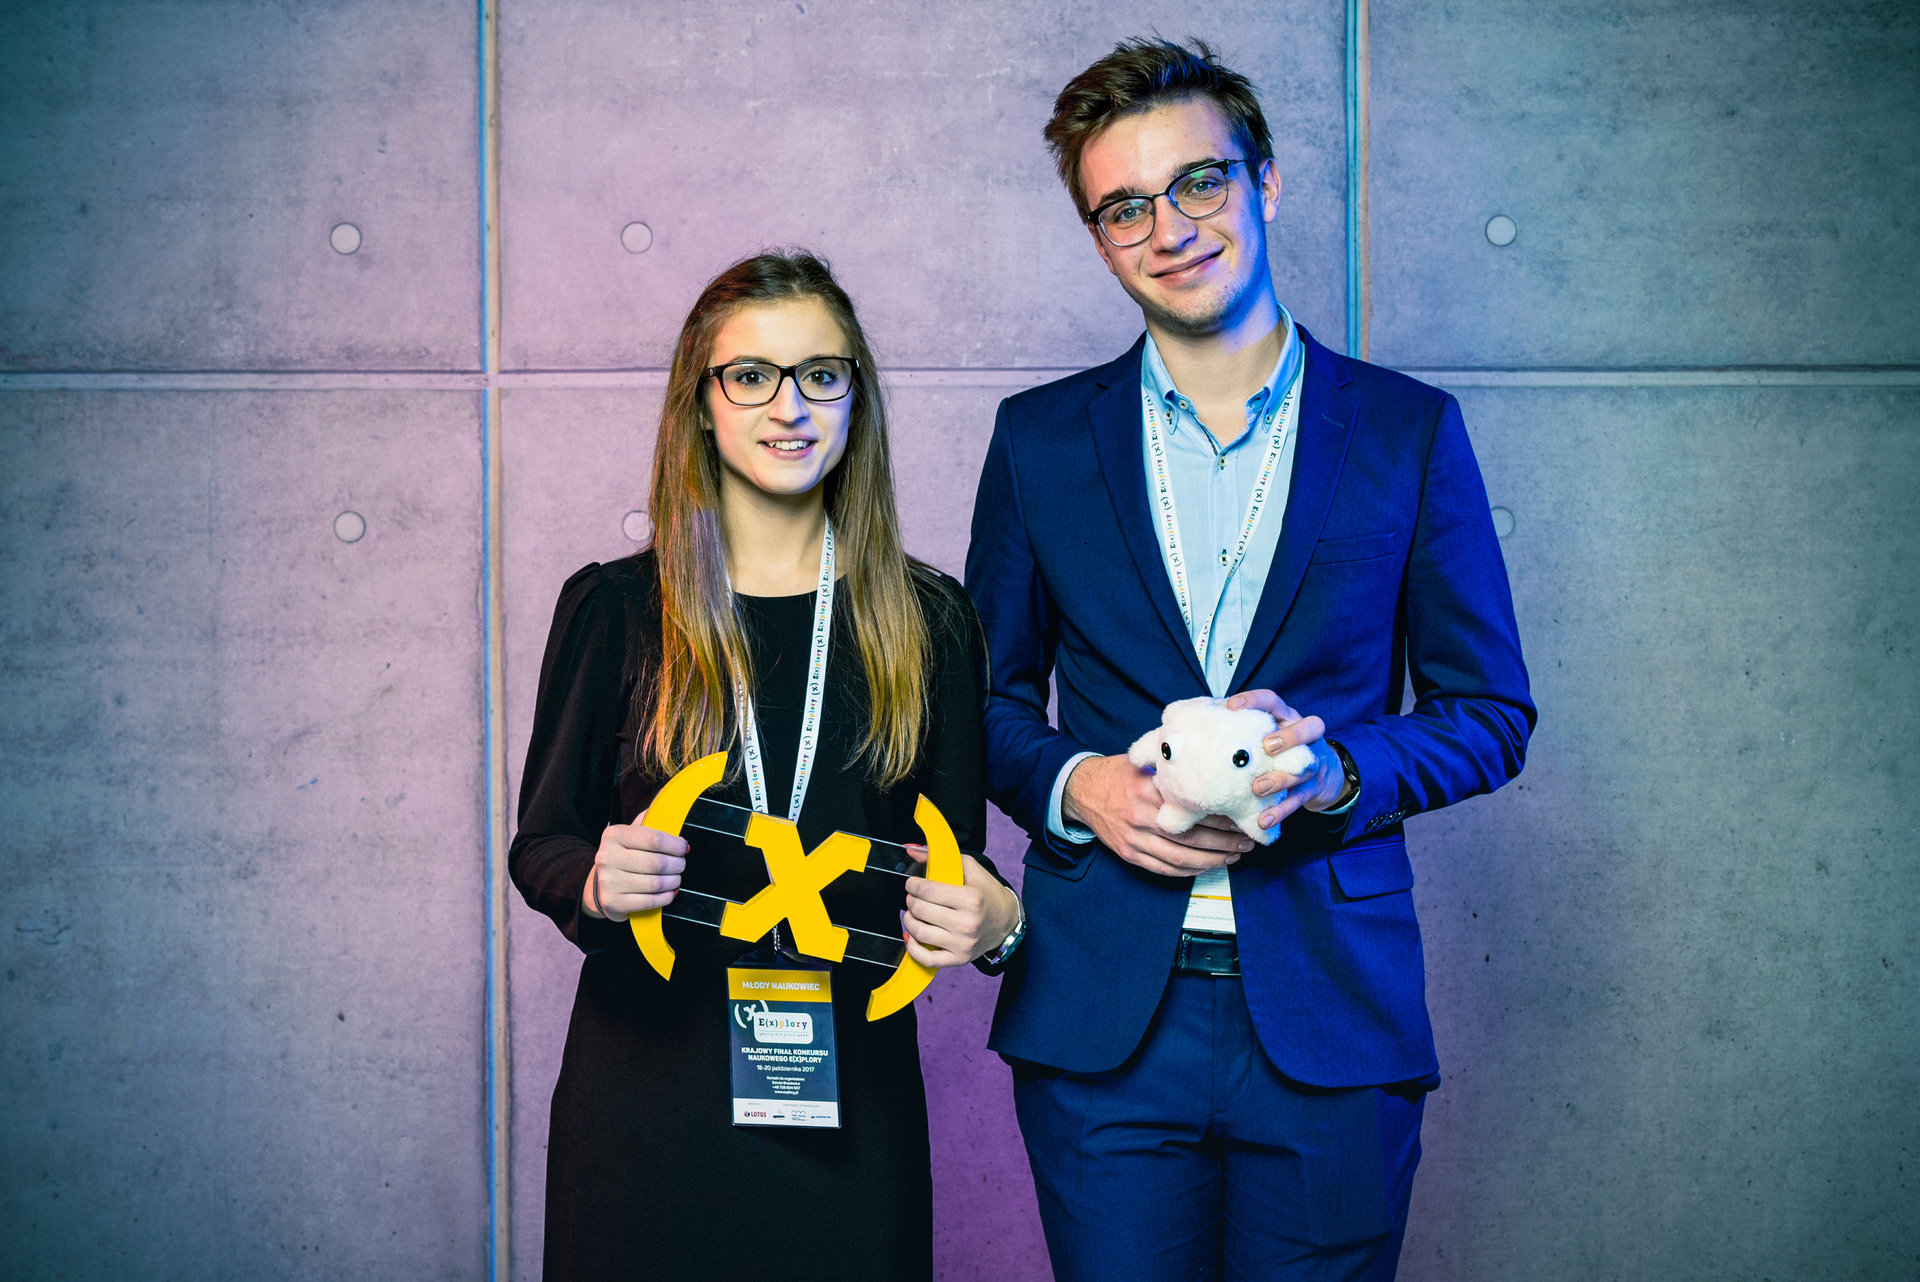 Polscy biolodzy i chemicy na największych w Europie Międzynarodowych Targach dla młodych innowatorów